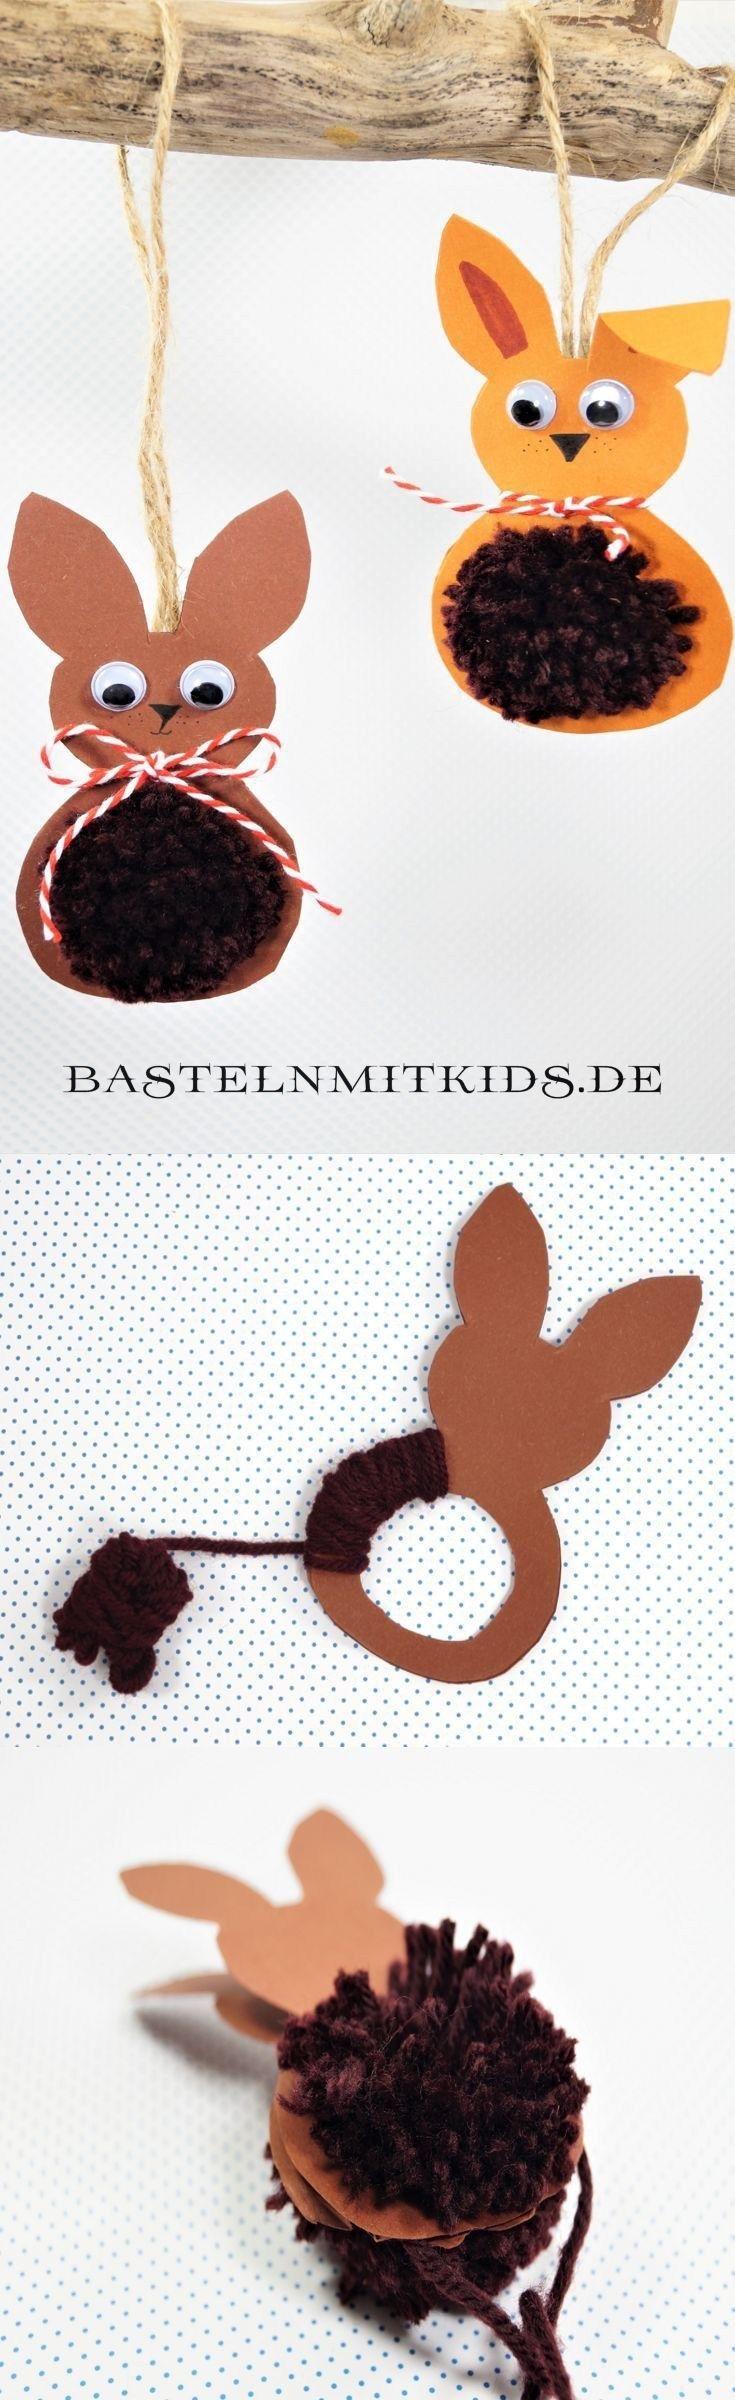 Basteln mit Kindern im Frühling und für Ostern * Mission Mom #hoppyeaster